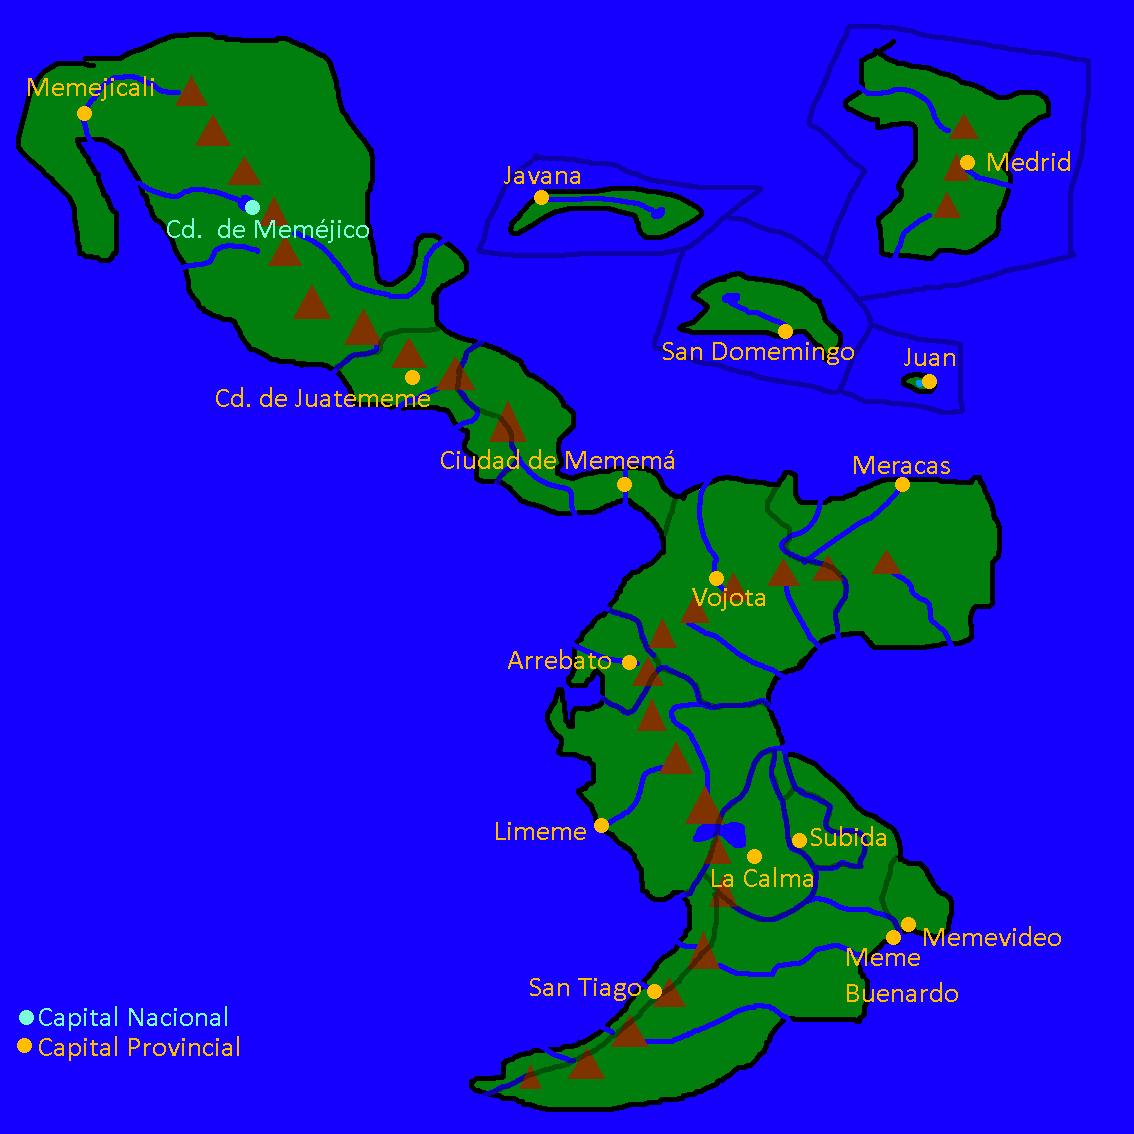 Si la comunidad hispana fuera una país con forma de sus países (tipo)(chistes culeros de meme- en los nombres)(las líneas transparentes son las divisiones de las provincias)(pueden editar el mapa si quieren añadiendo cosas como ciudades)